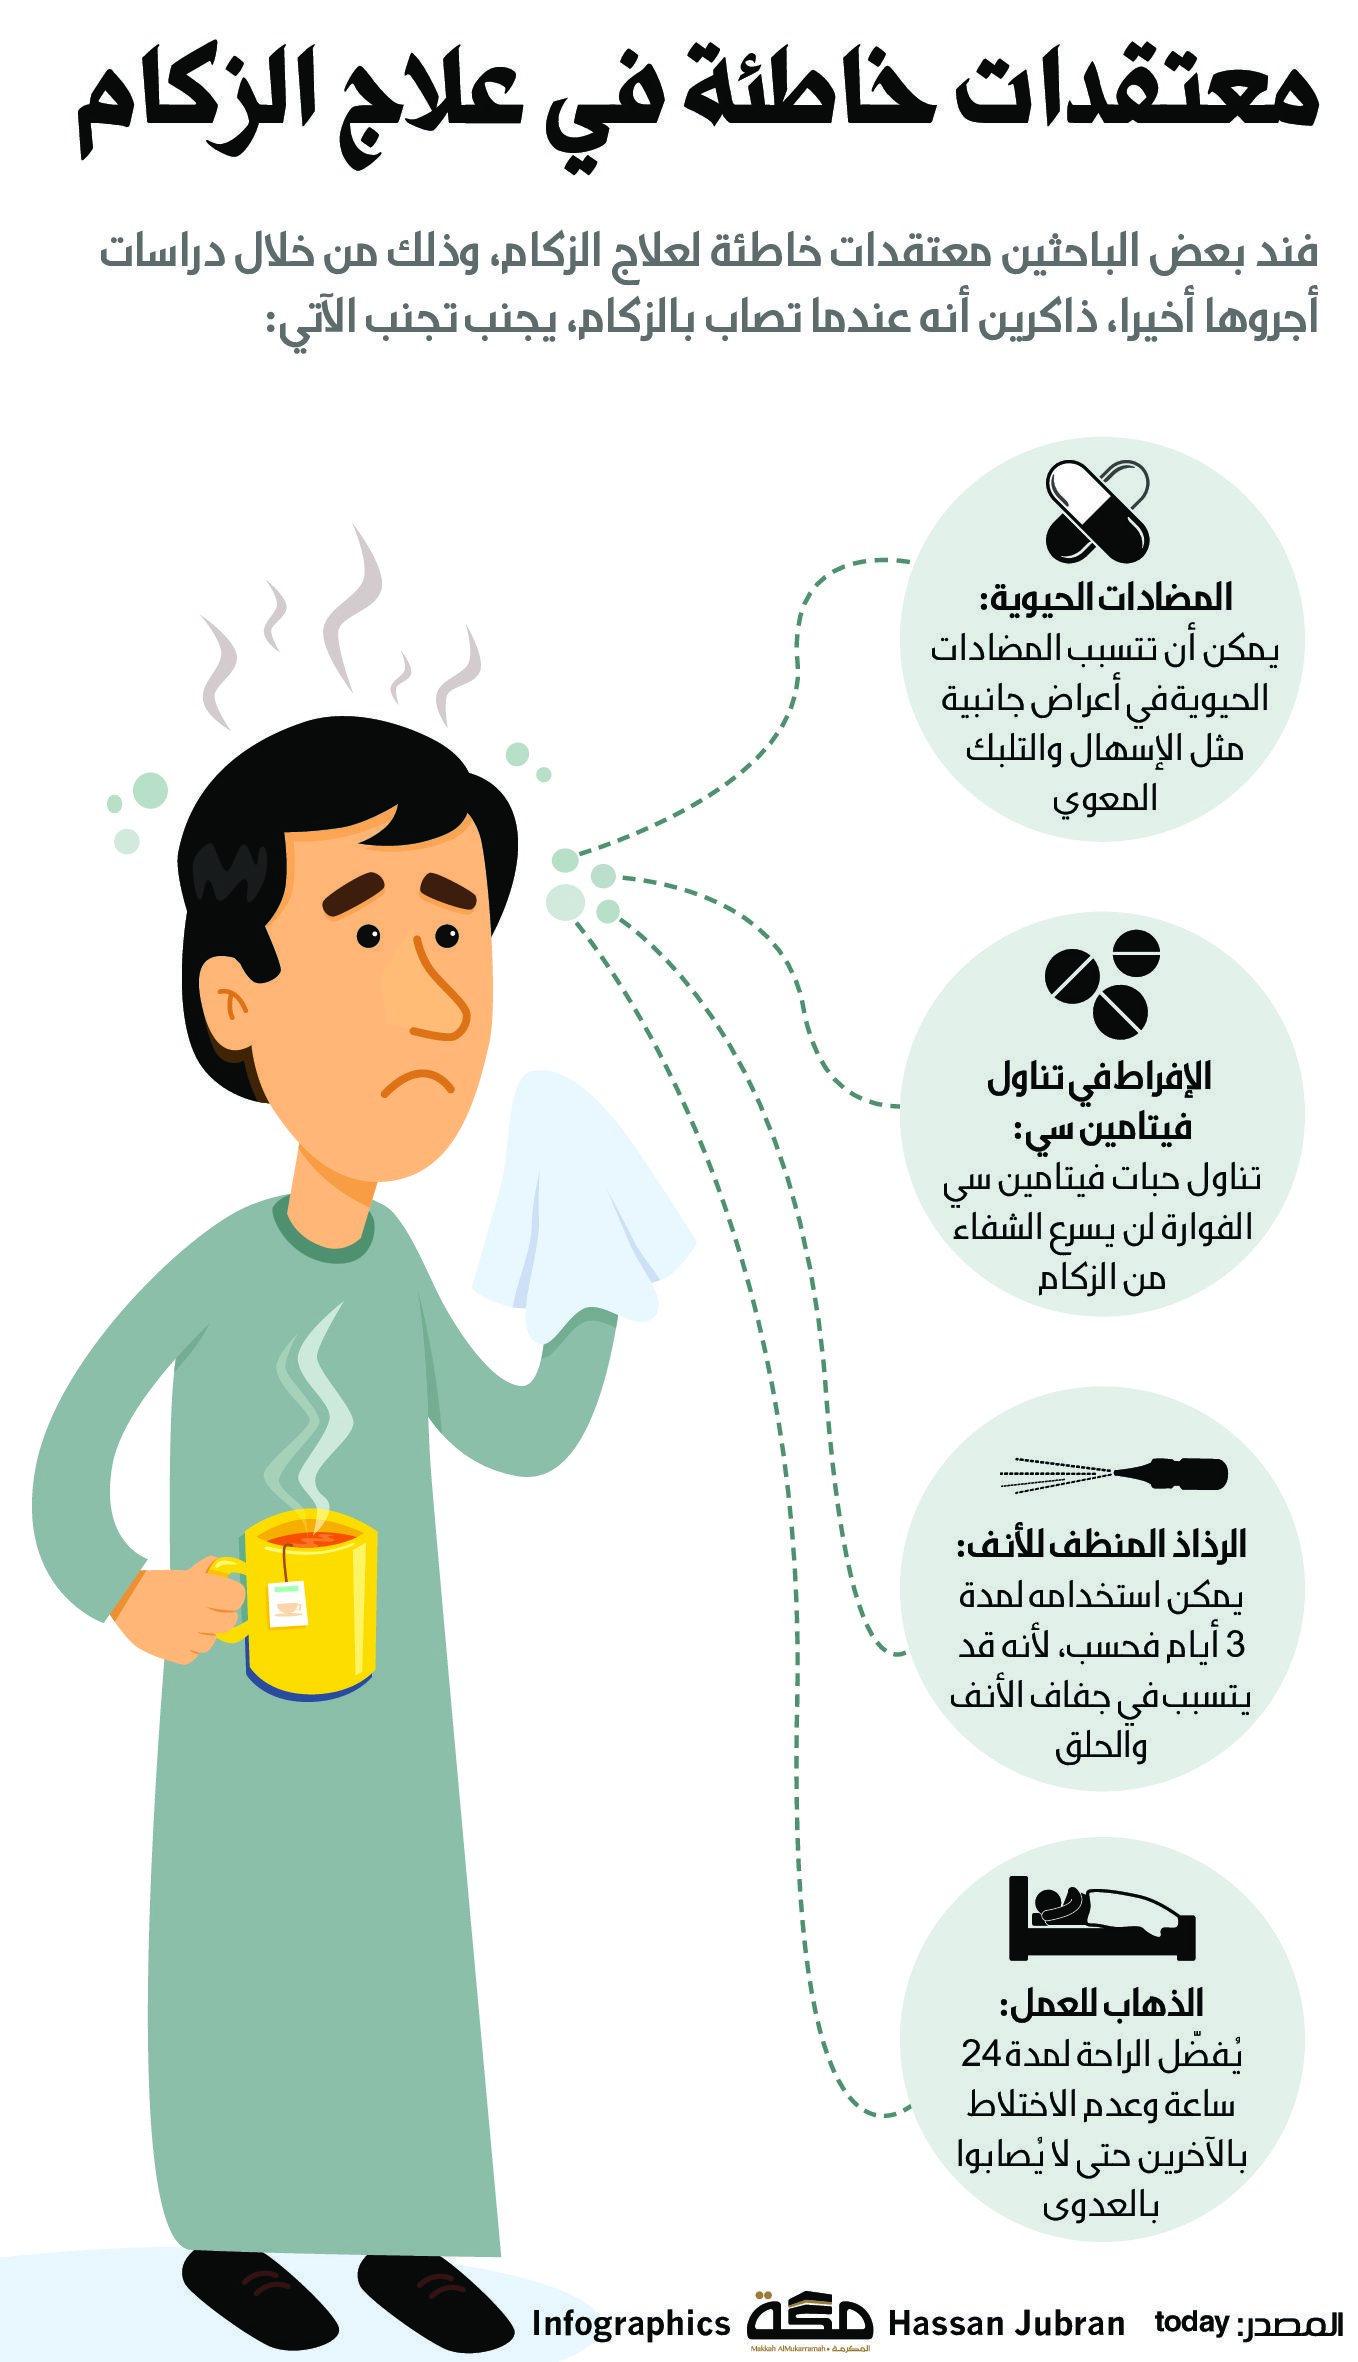 معتقدات خاطئة في علاج الزكام صحيفةـمكة انفوجرافيك مجتمع Bible School Crafts Medical Technology Health Info